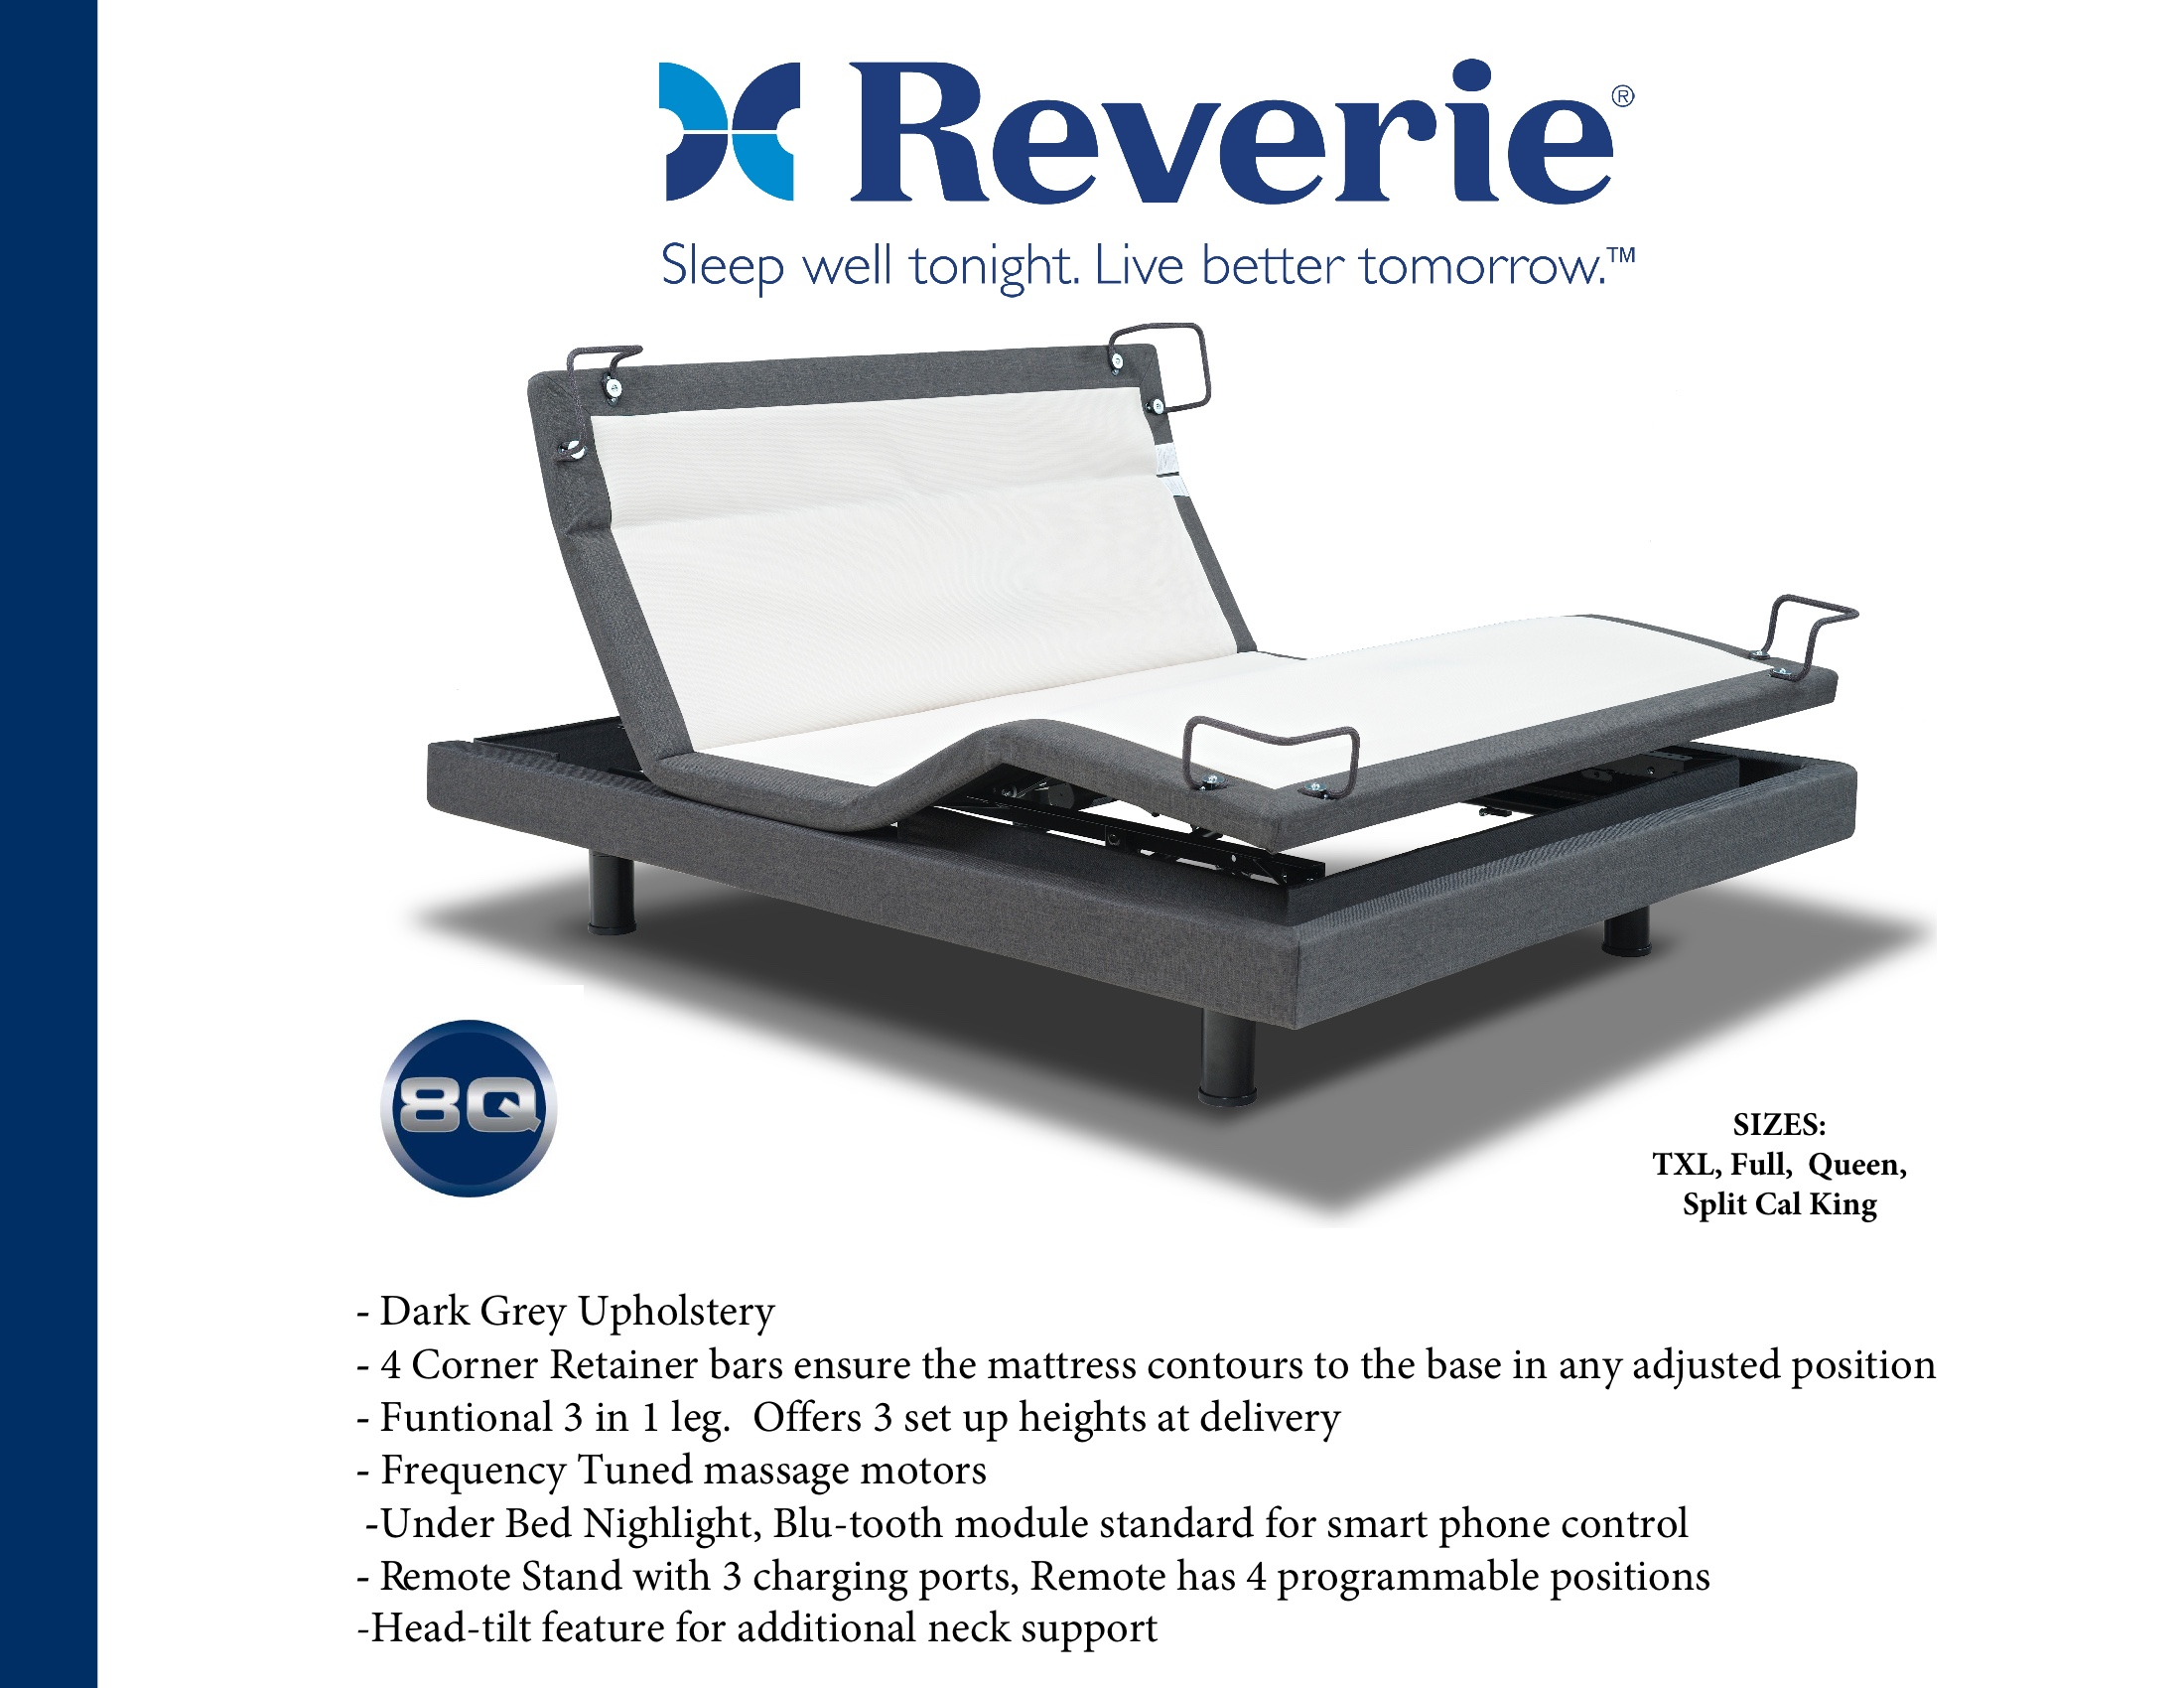 reverie-8q-specs.jpg